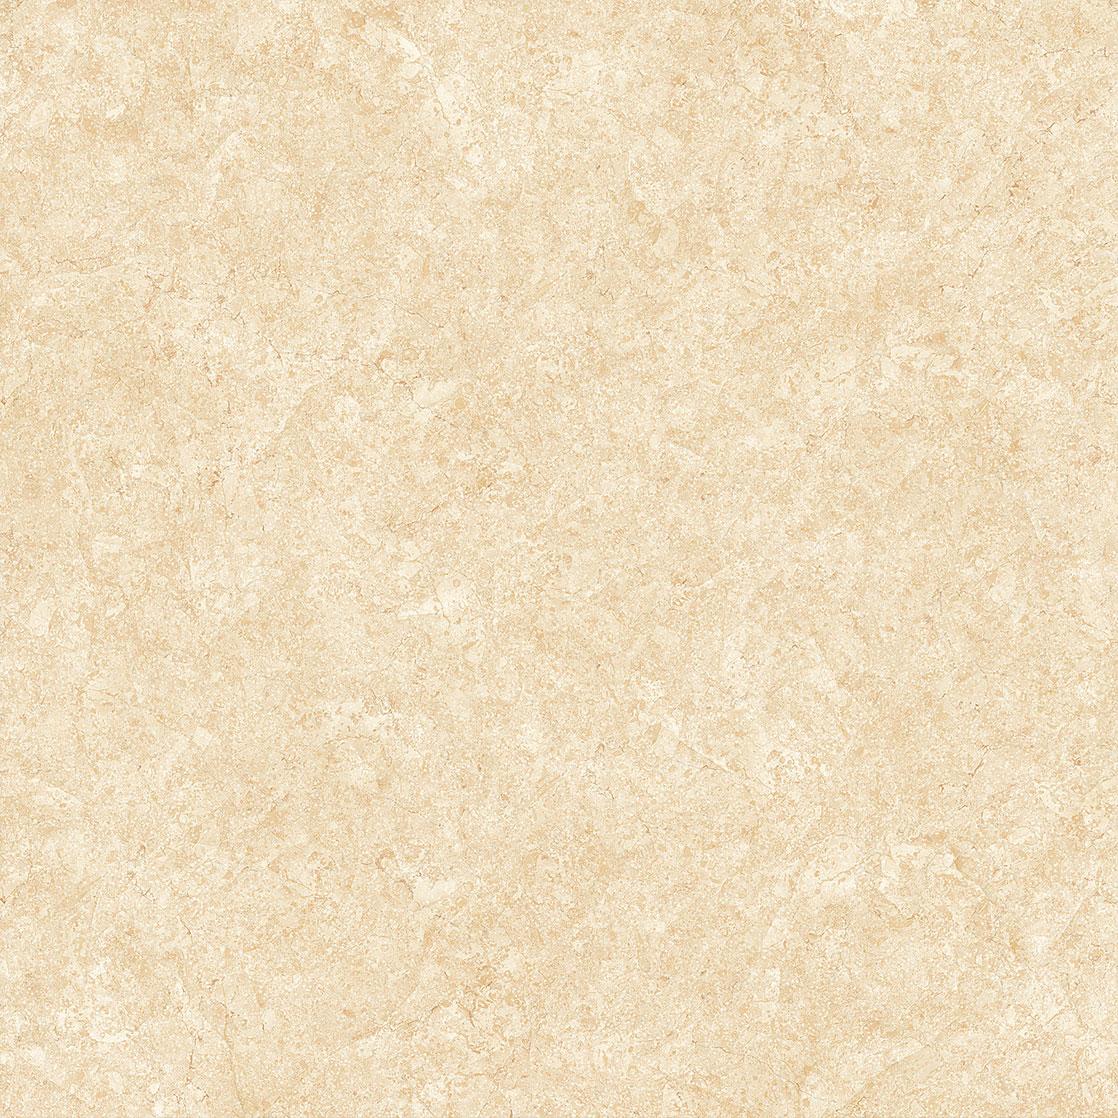 Gạch lát nền Viglacera UH B605 giá rẻ